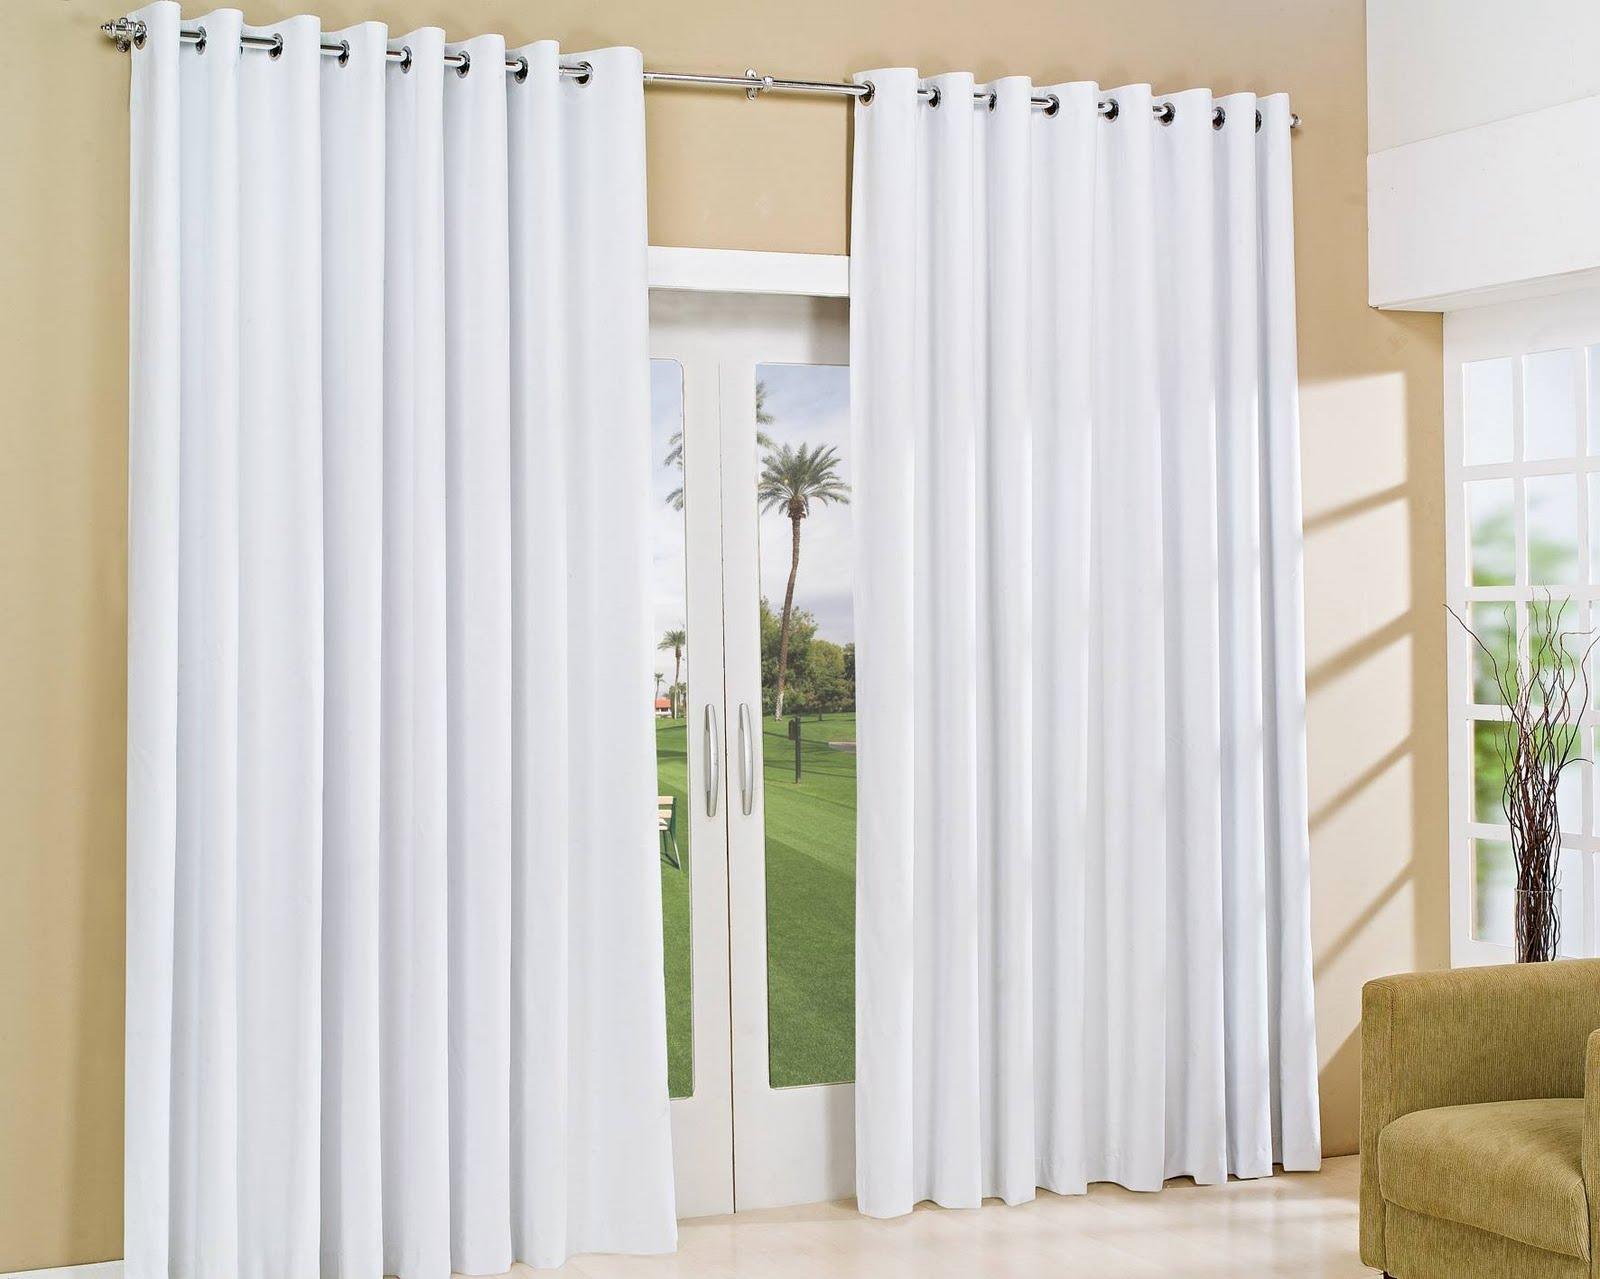 Lavar cortina em casa na maquina de lavar dicas da lucy for Cortinas largas